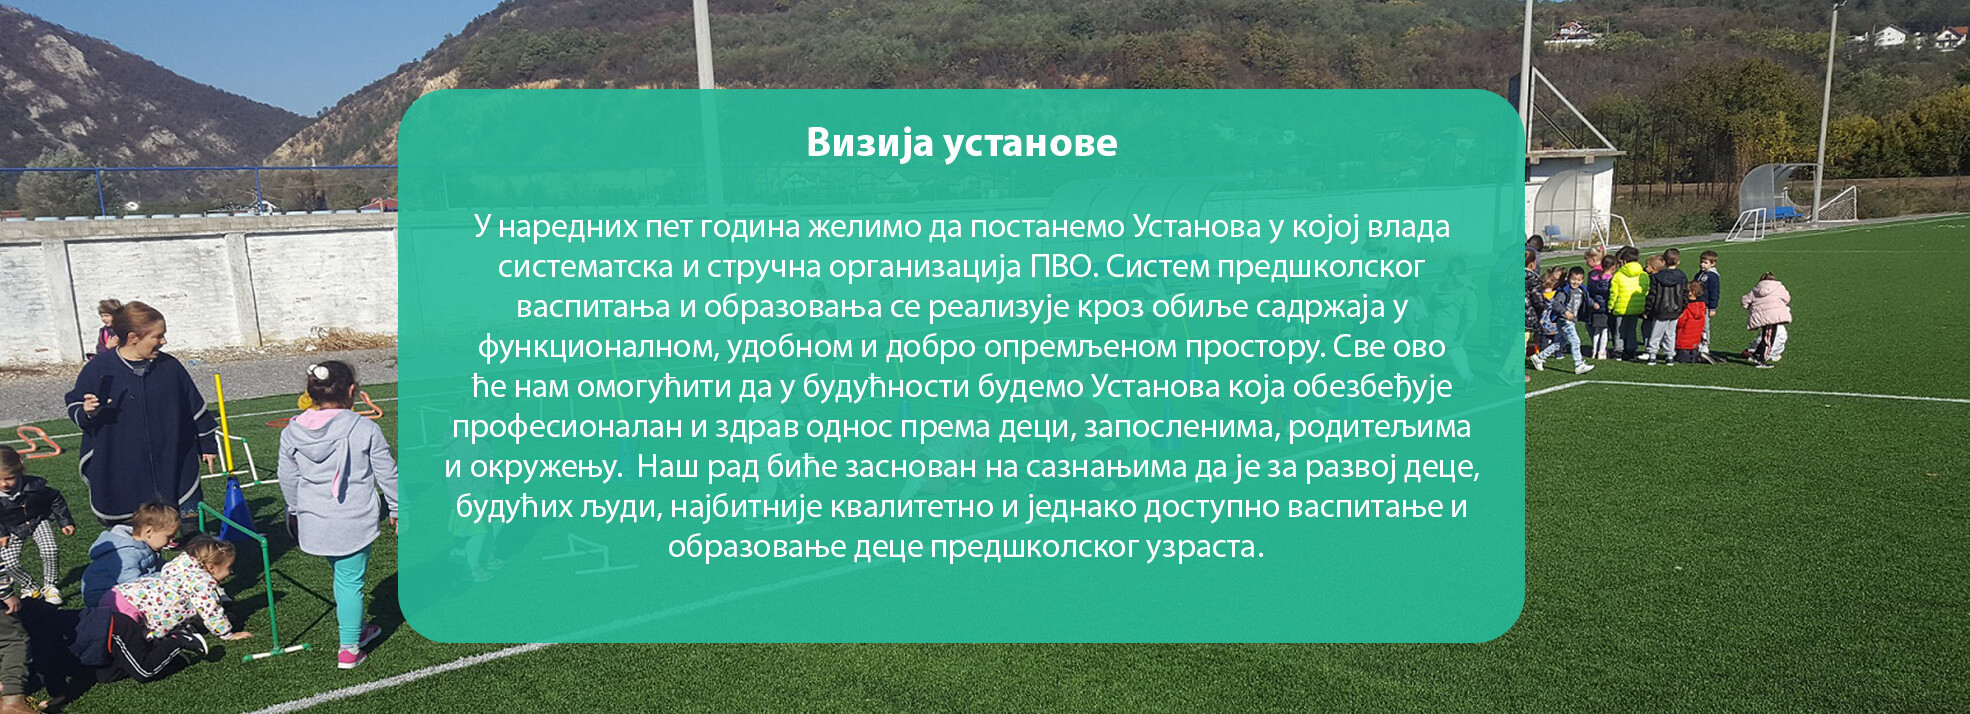 VizijaNovoD